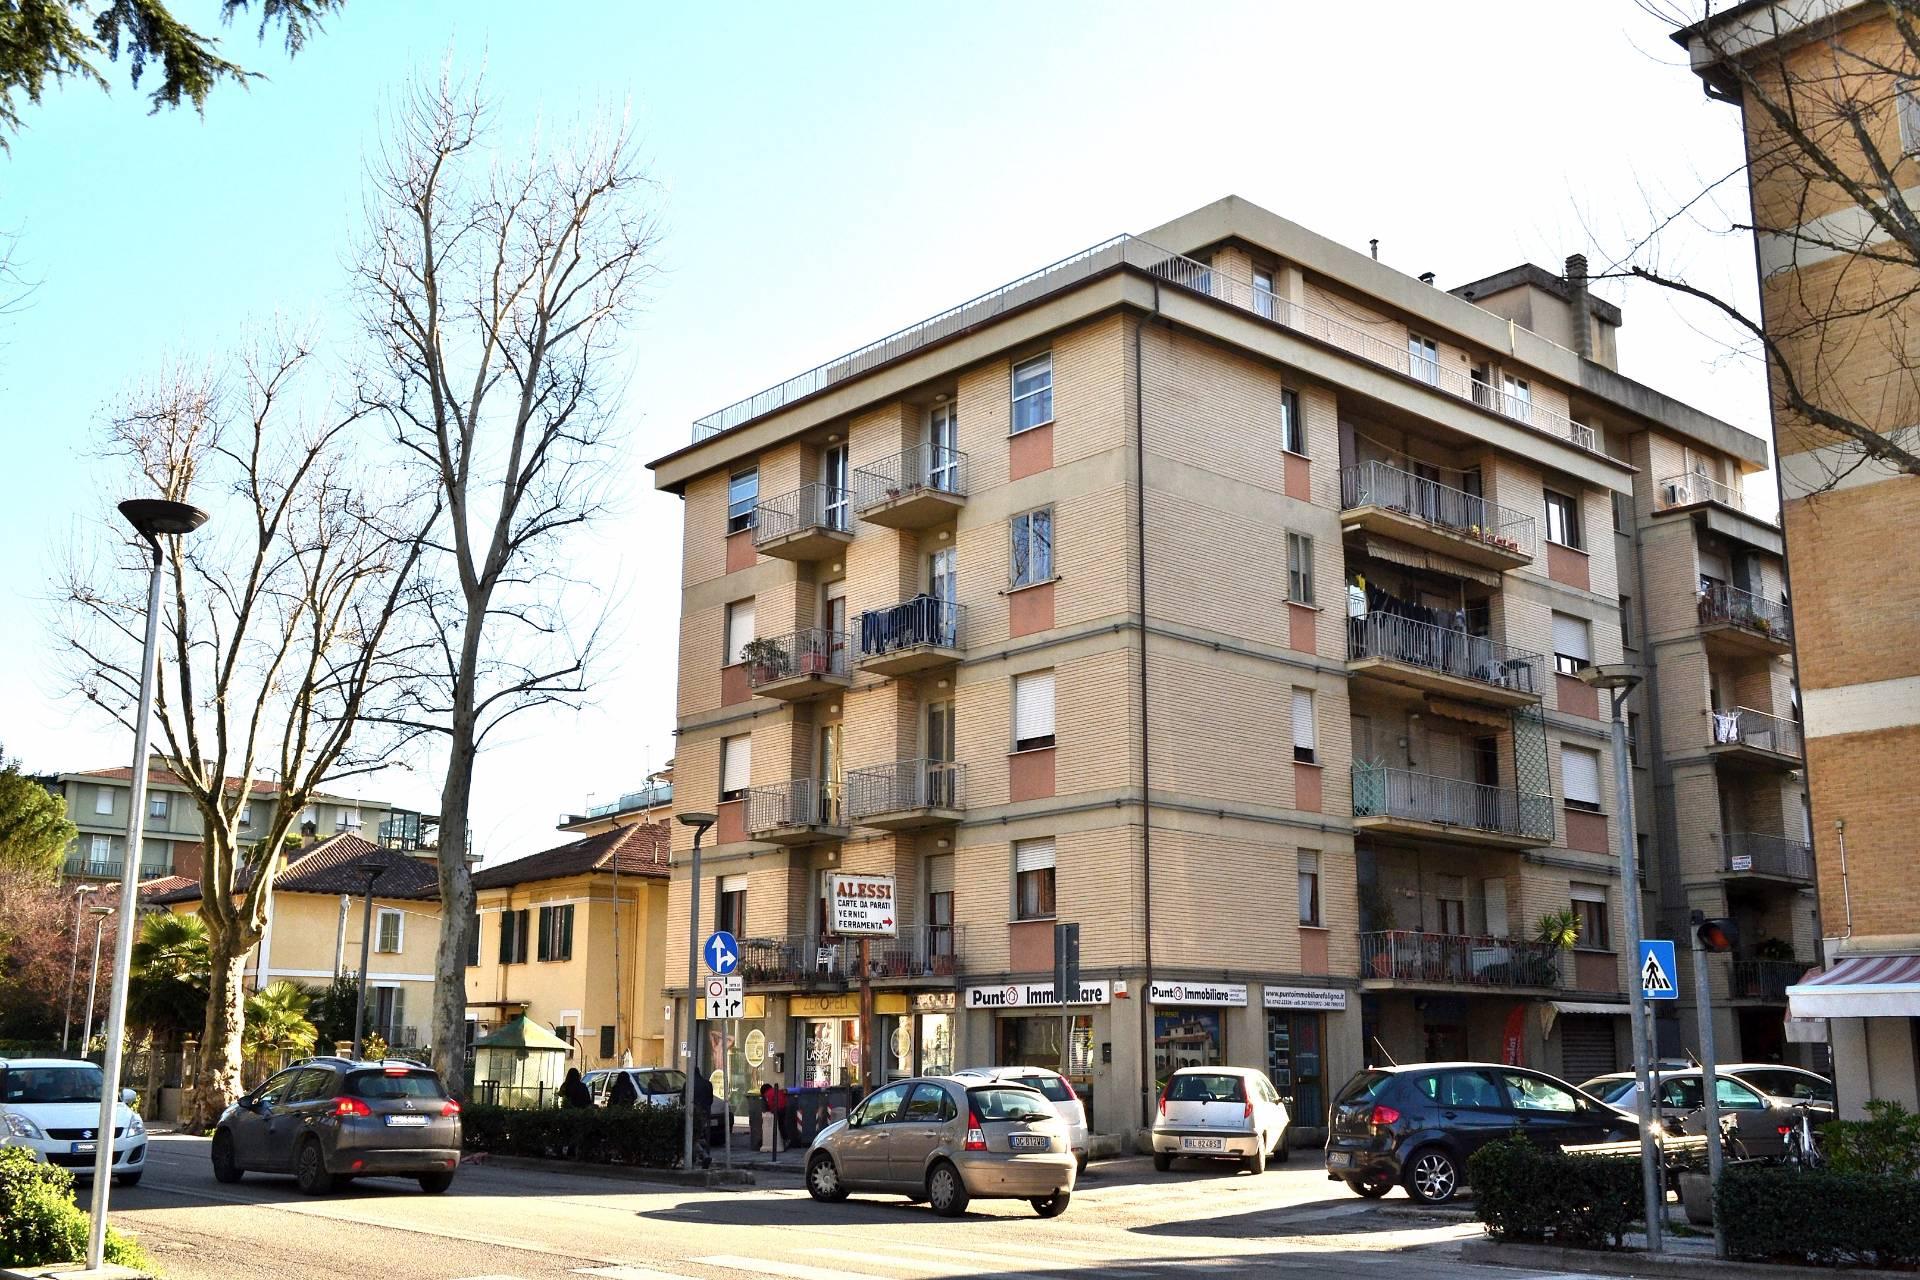 Appartamento in vendita a Foligno, 4 locali, prezzo € 69.000 | CambioCasa.it